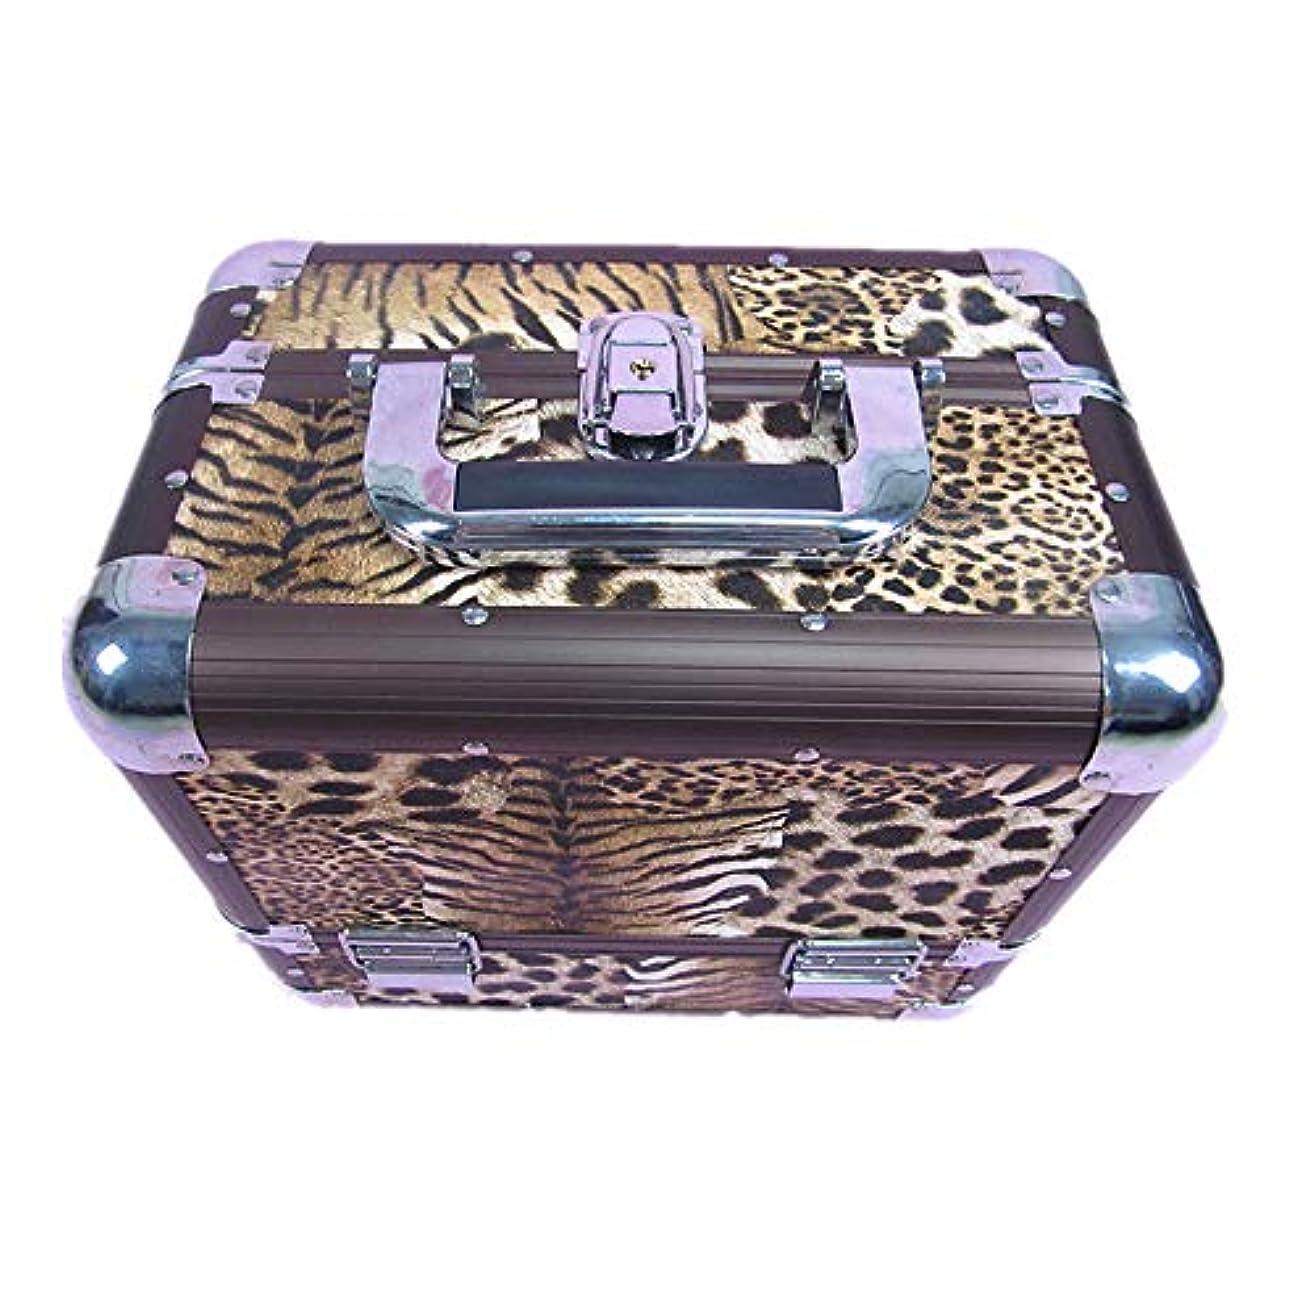 アルカトラズ島アンドリューハリディ魔術師化粧オーガナイザーバッグ 大容量ポータブル化粧ケース(トラベルアクセサリー用)シャンプーボディウォッシュパーソナルアイテム収納トレイ(エクステンショントレイ付) 化粧品ケース